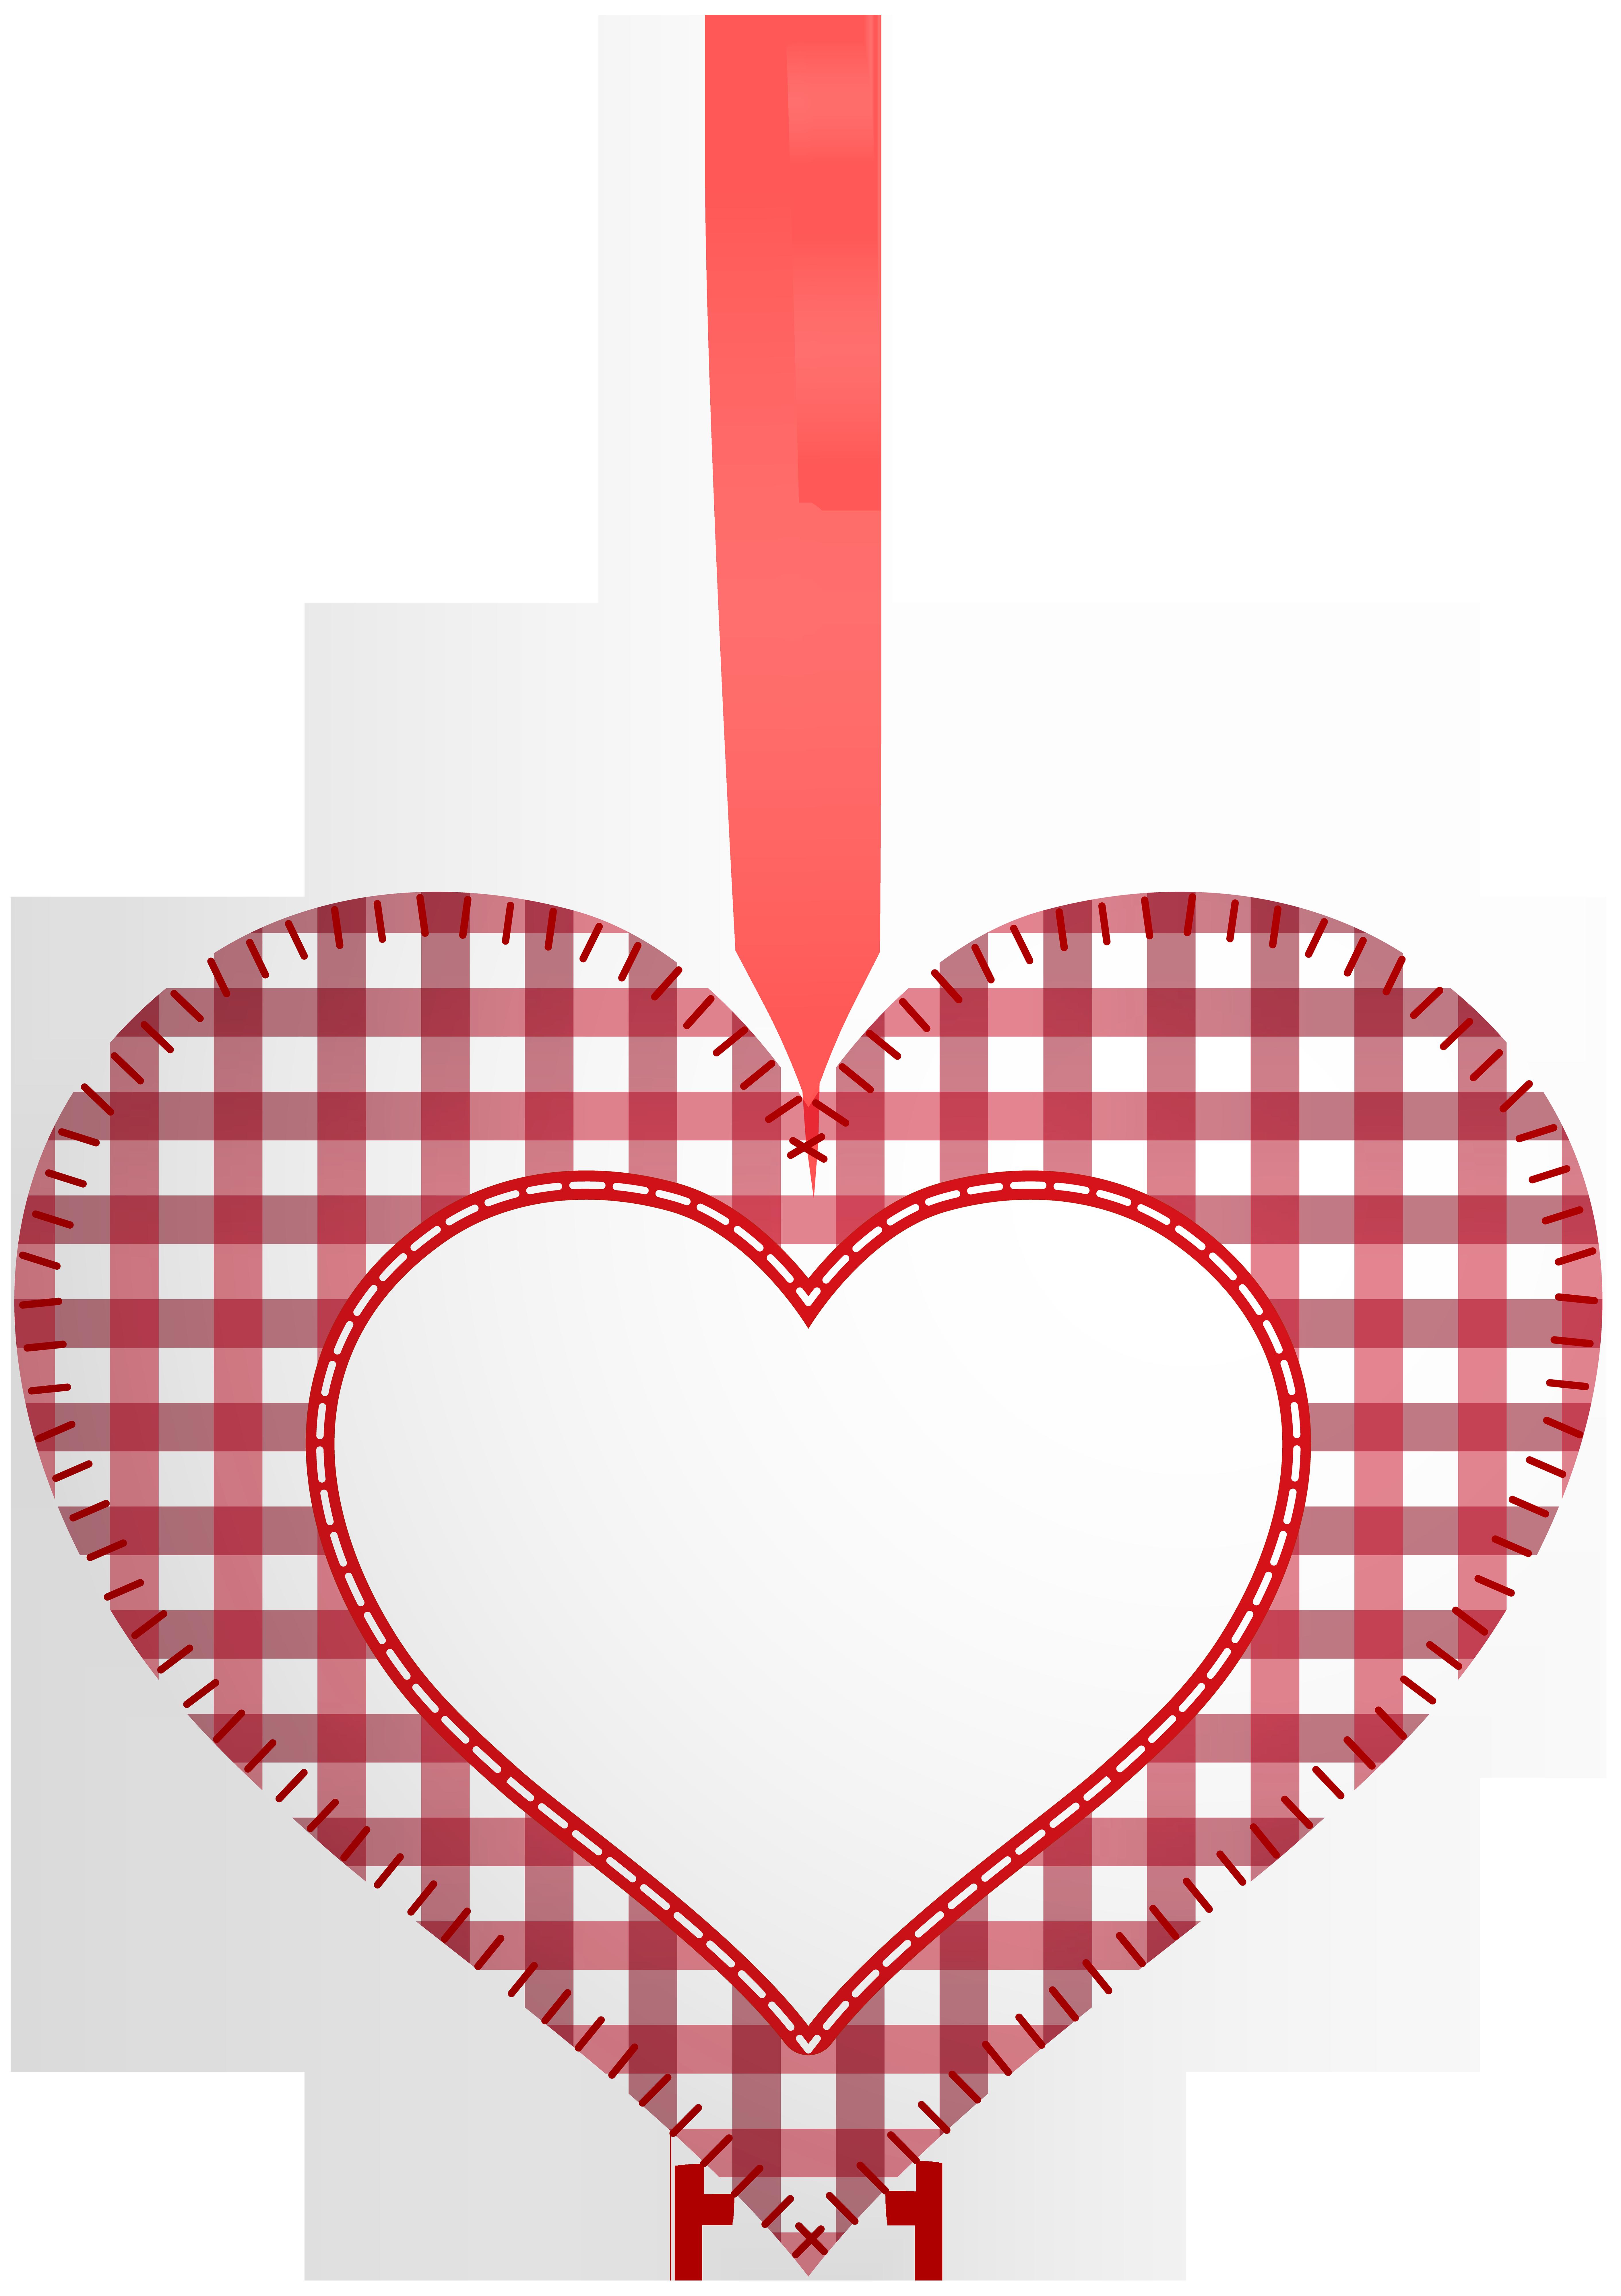 Piano clipart heart. Deco png clip art